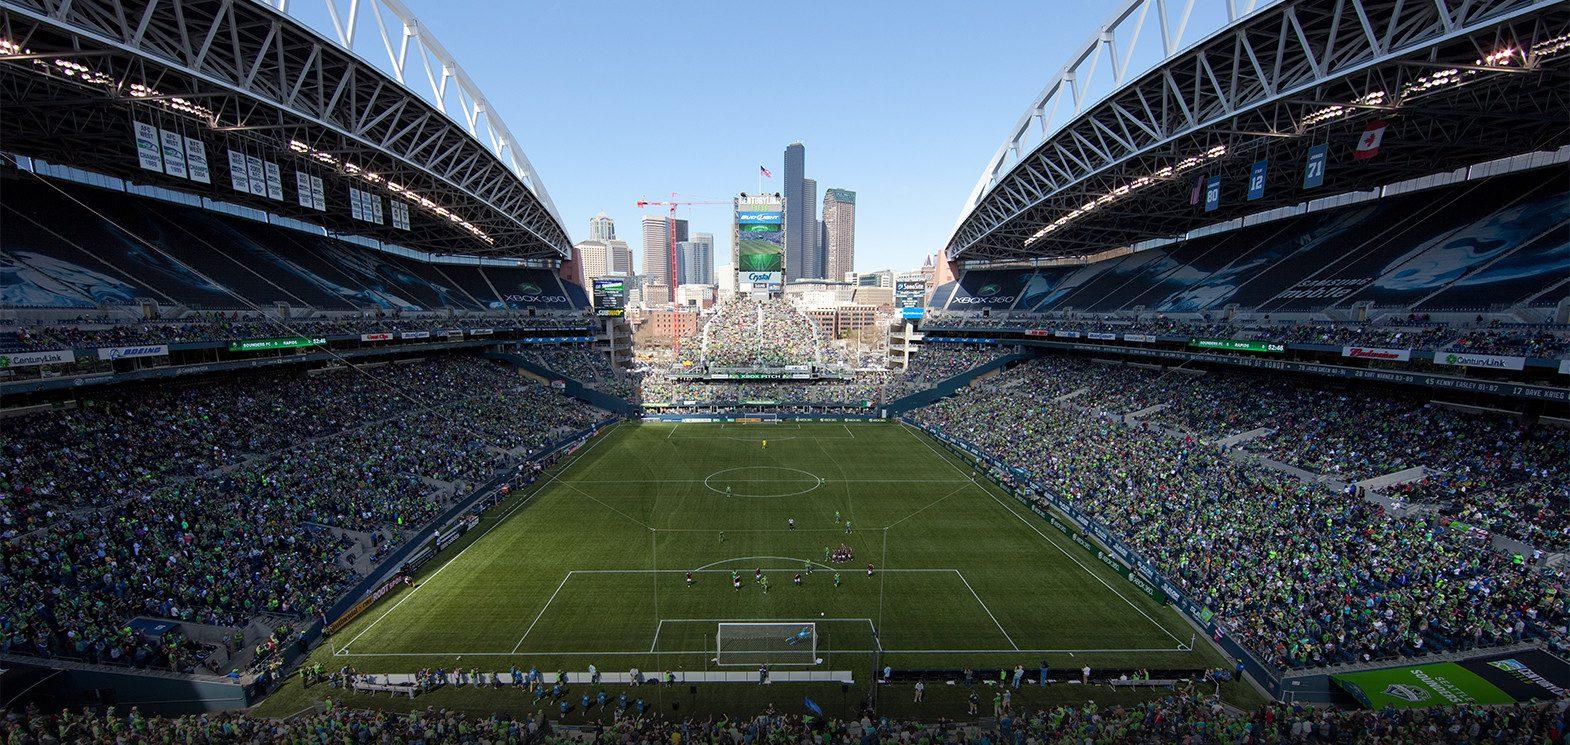 El CenturyLink Field, de Seattle, tiene campo sintético.